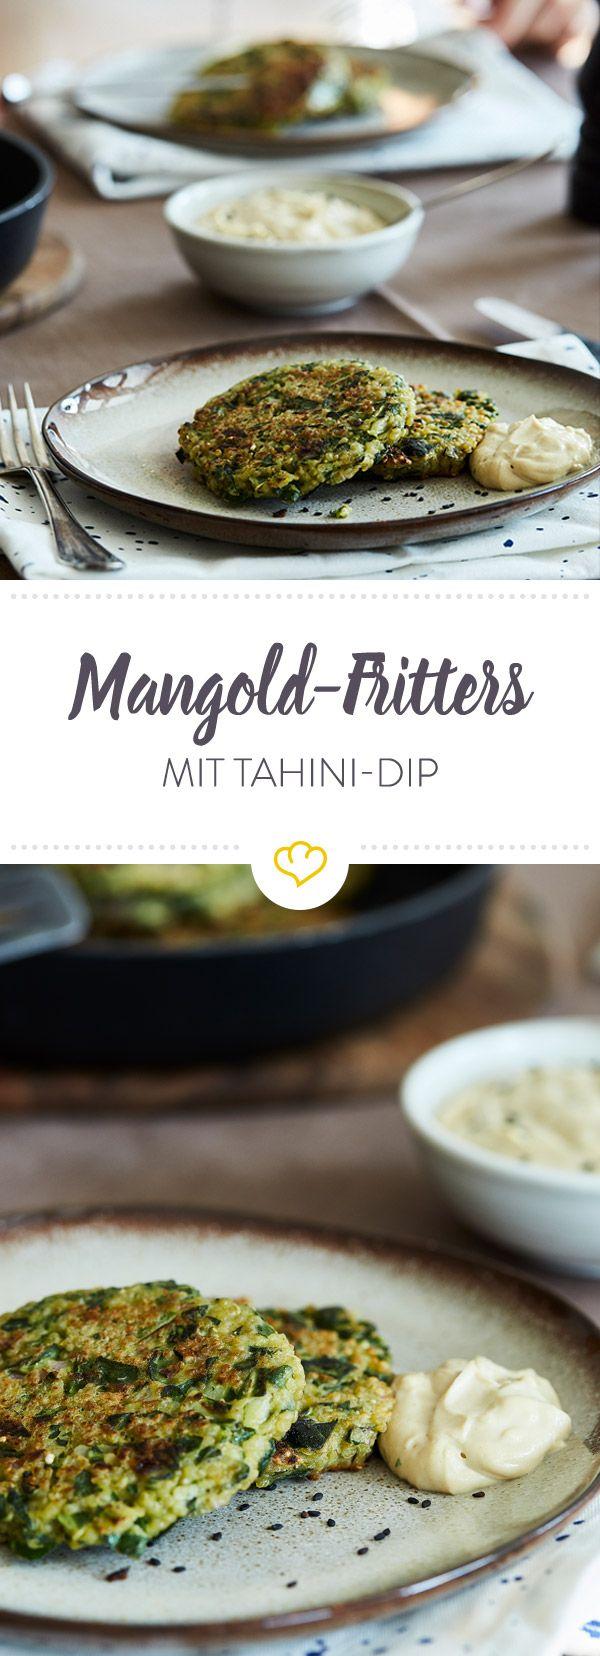 Gesunder Inkareis trifft auf grünes Stielgemüse - und schon kurze Zeit später landen knusprige Mangold-Quinoa-Fritters auf deinem Teller.